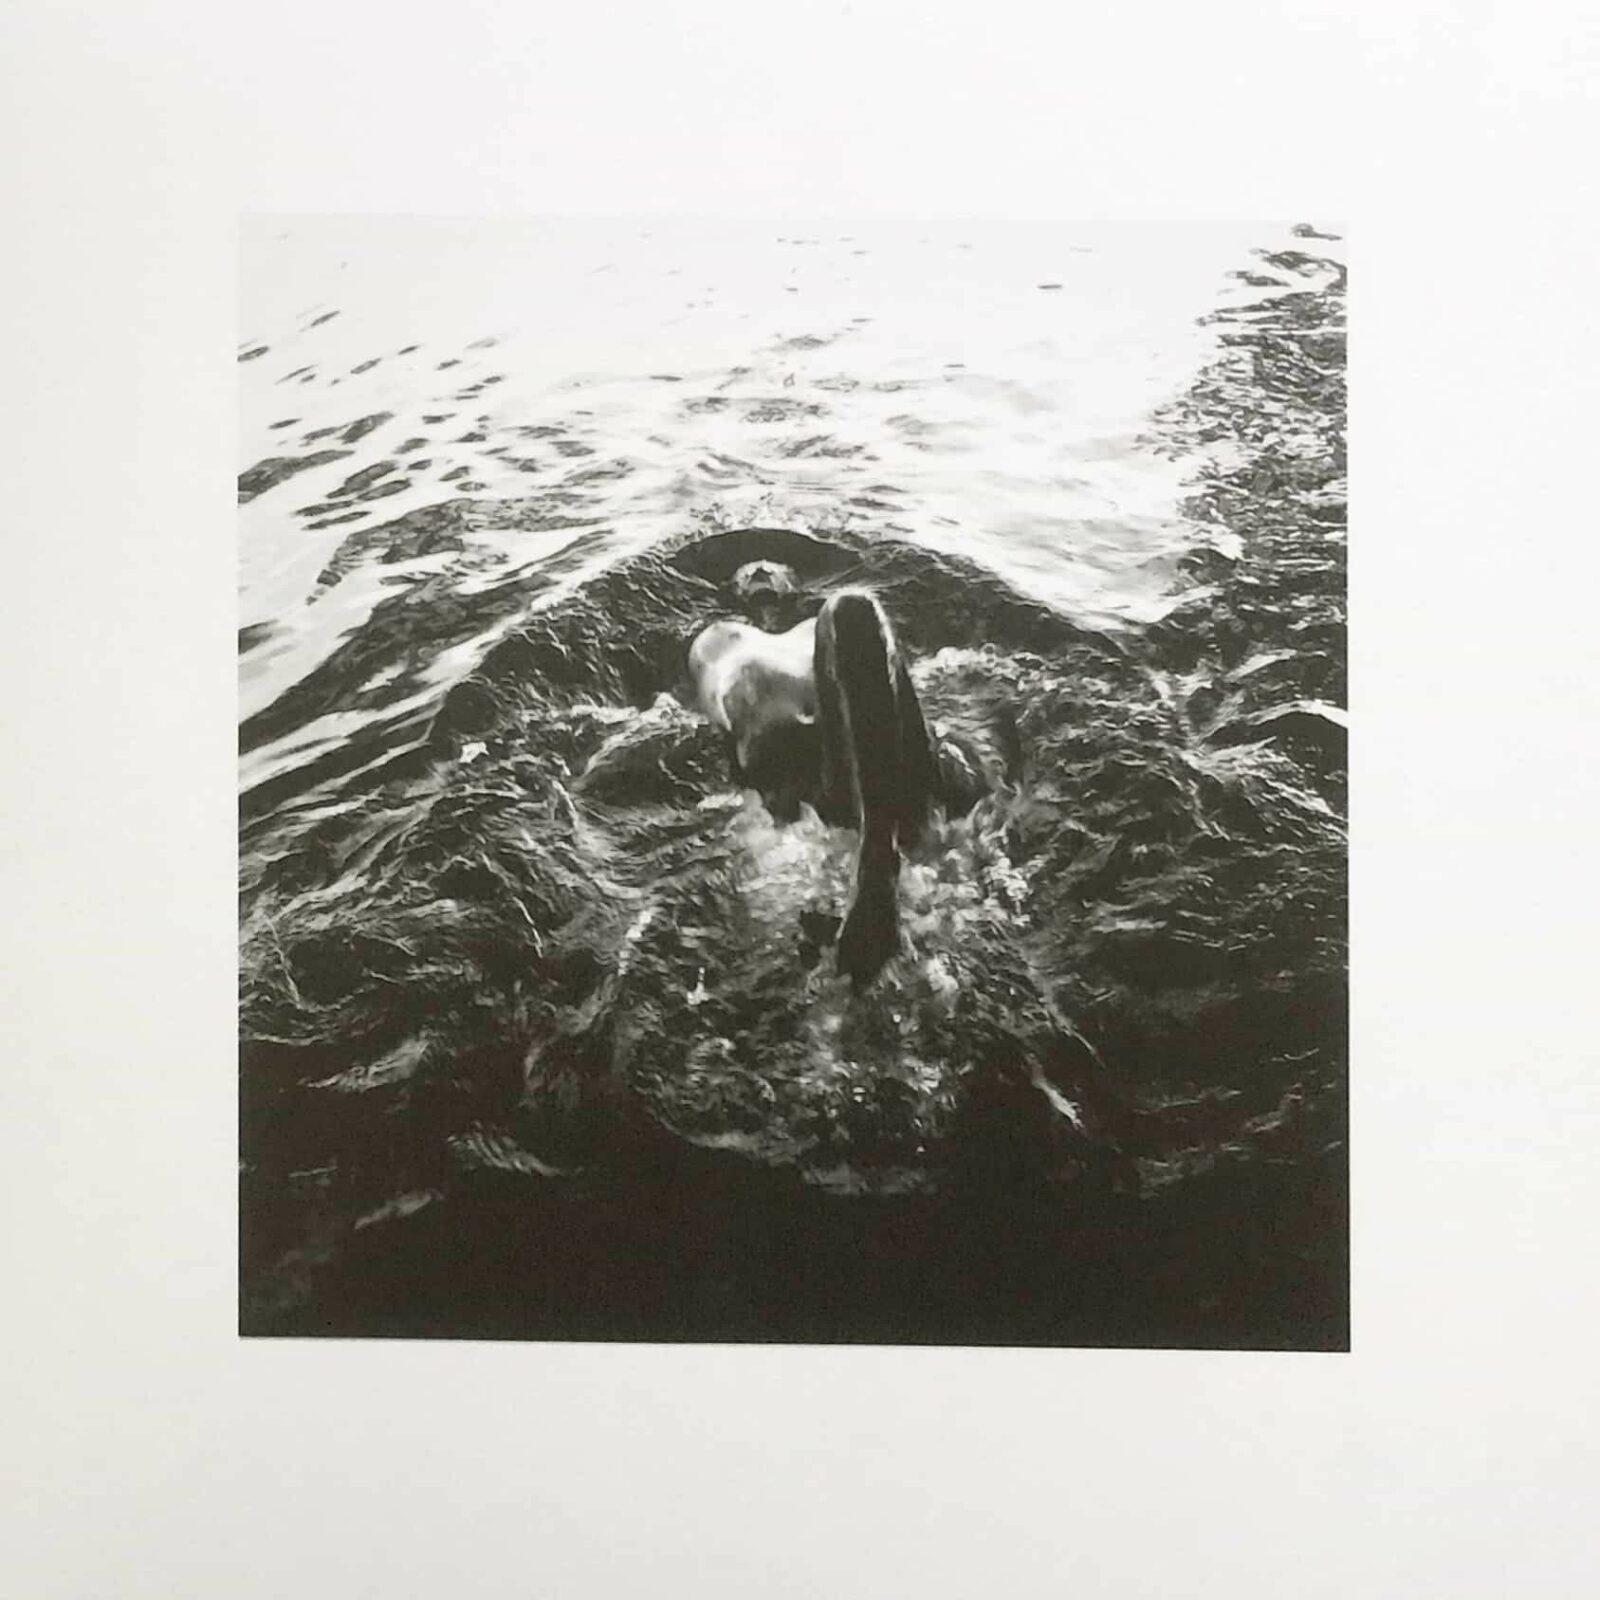 Tis L - Keats 09 - Ostkreuz 5683 - Vinyl Front